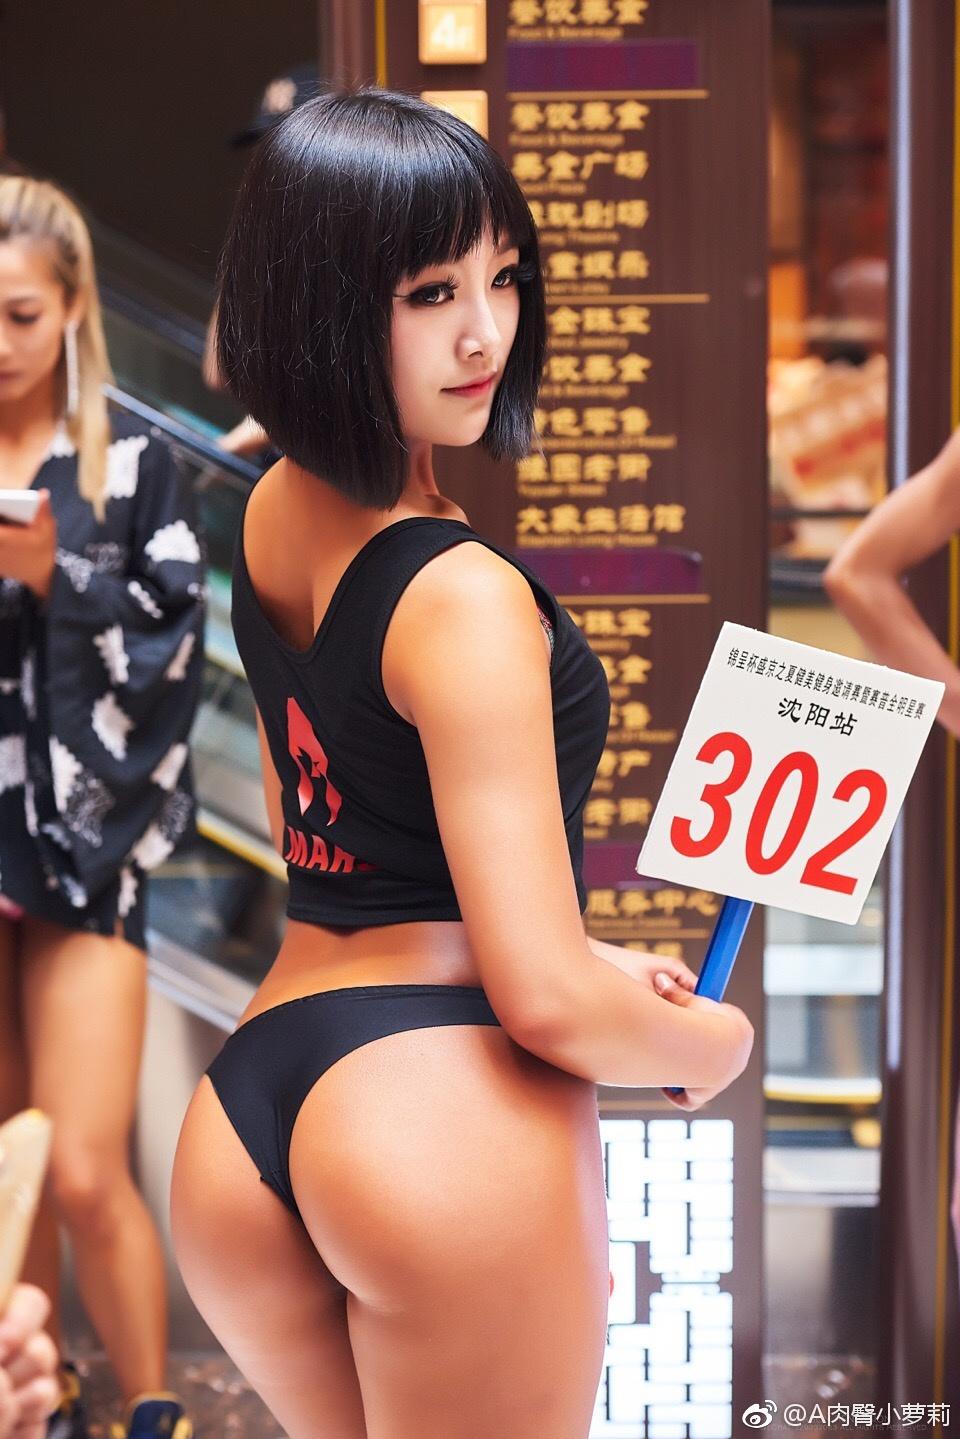 """19岁的""""A肉臀"""",快手红人荣获美臀大赛冠军 liuliushe.net六六社 第3张"""